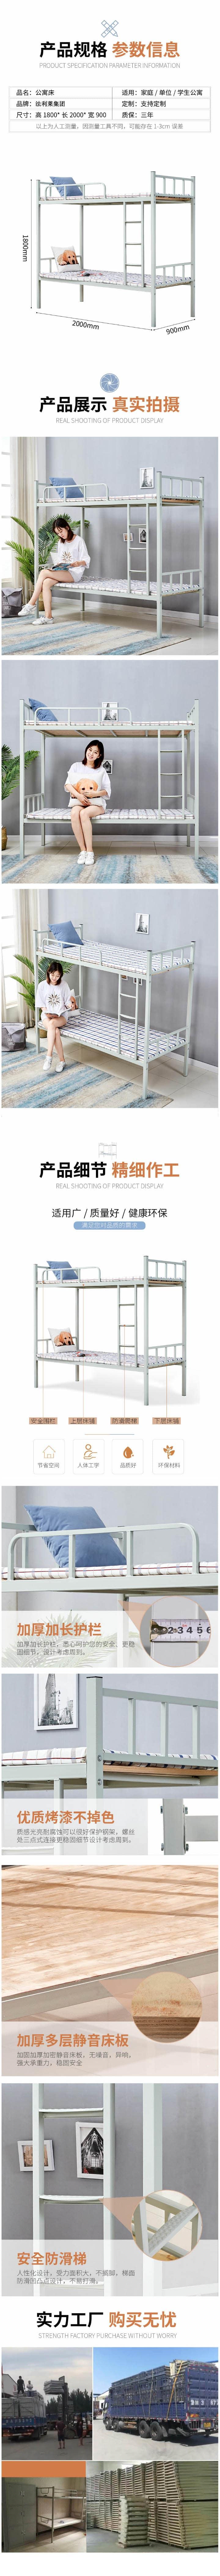 上下床 鐵架鐵床 上下鋪鐵藝學生員工宿舍工地成人高低床雙層床 卡扣加厚款上下床【圖片 價格 品牌 報價】